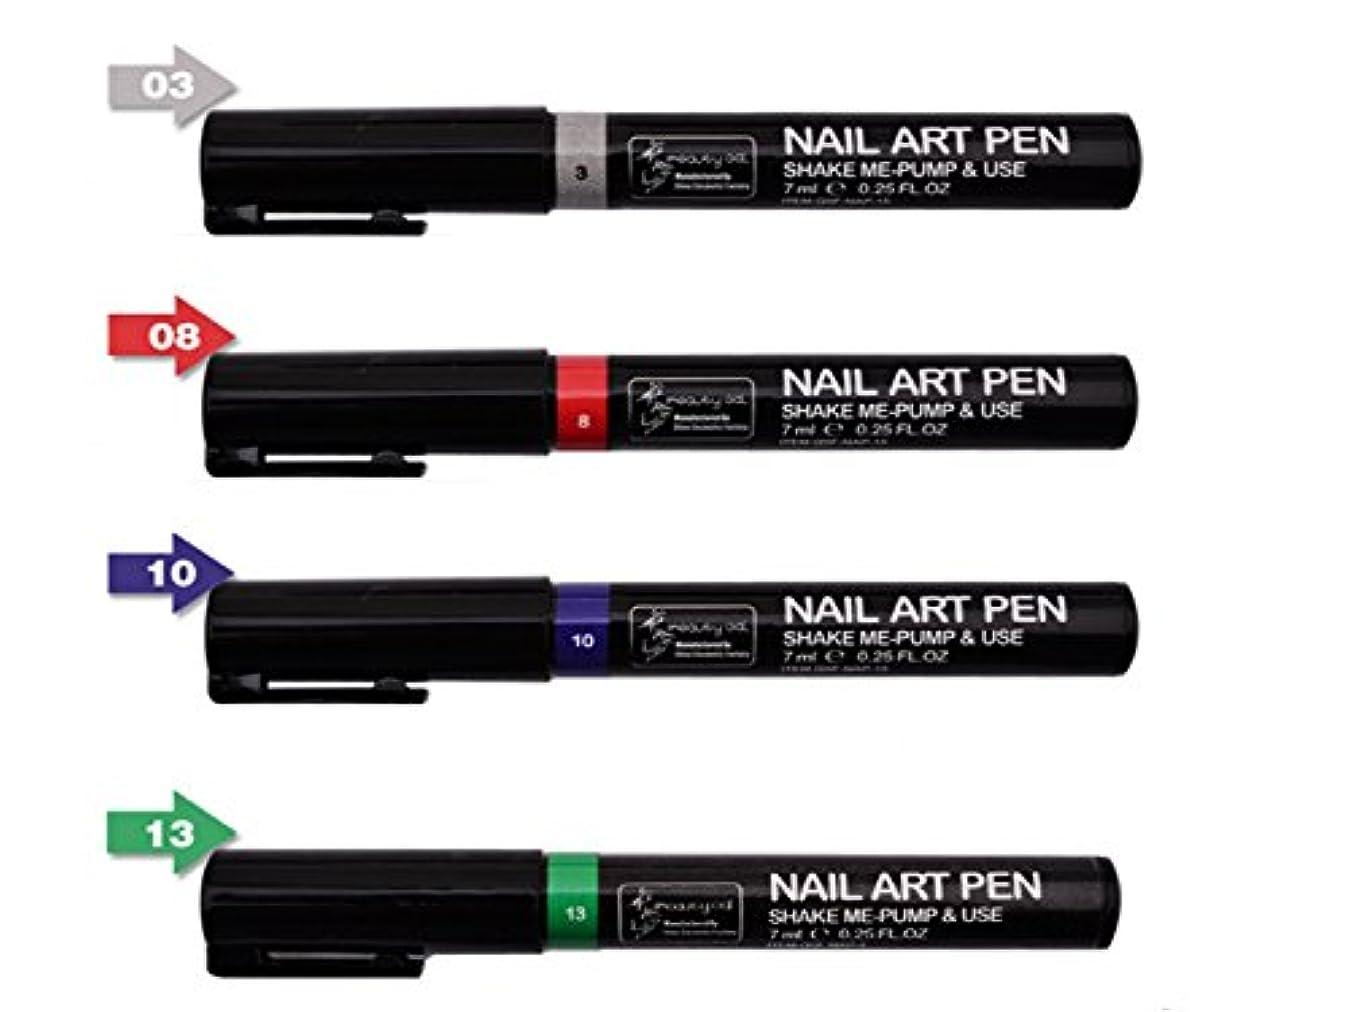 タクシー喪からかうネイルアートツール3DペイントペンスタイリングドットペンシルネイルブラシDIYマニキュアペンネイルペイントペン (組み合わせ2)